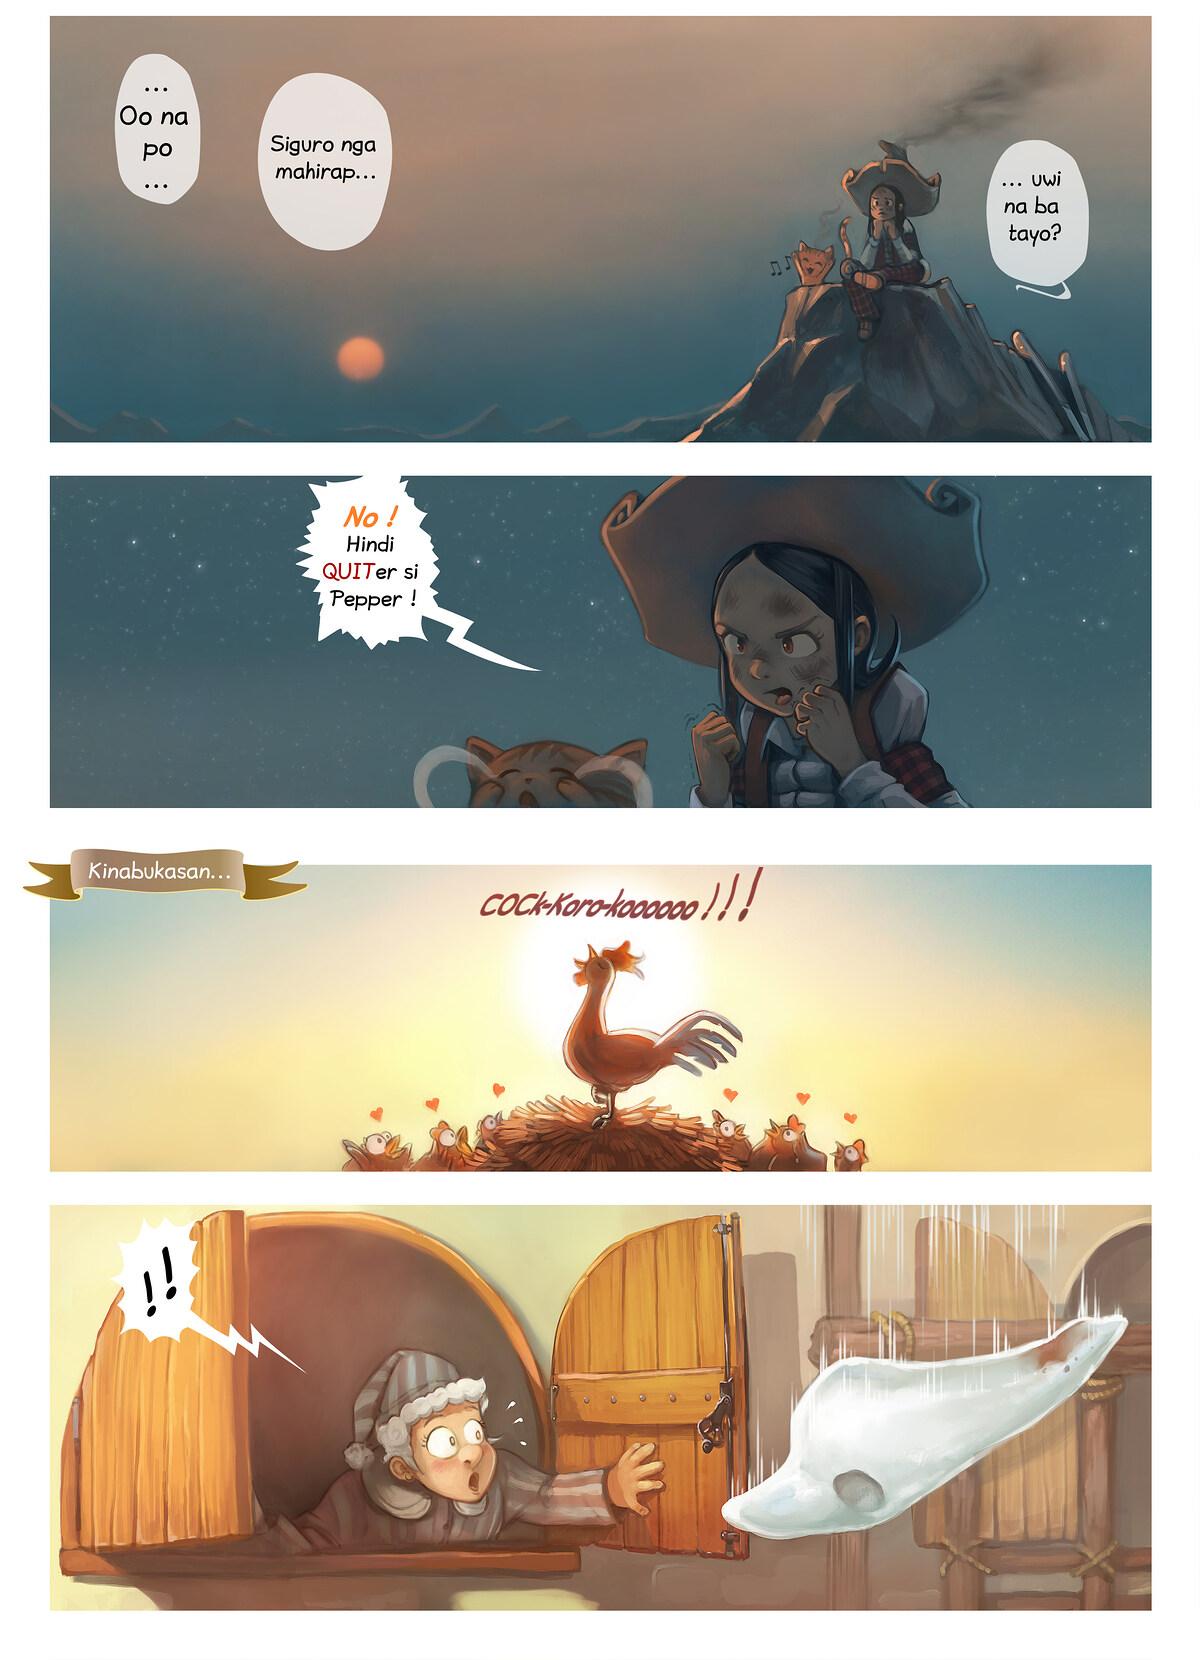 Episode 14: Pangil ng Mandragon, Page 5